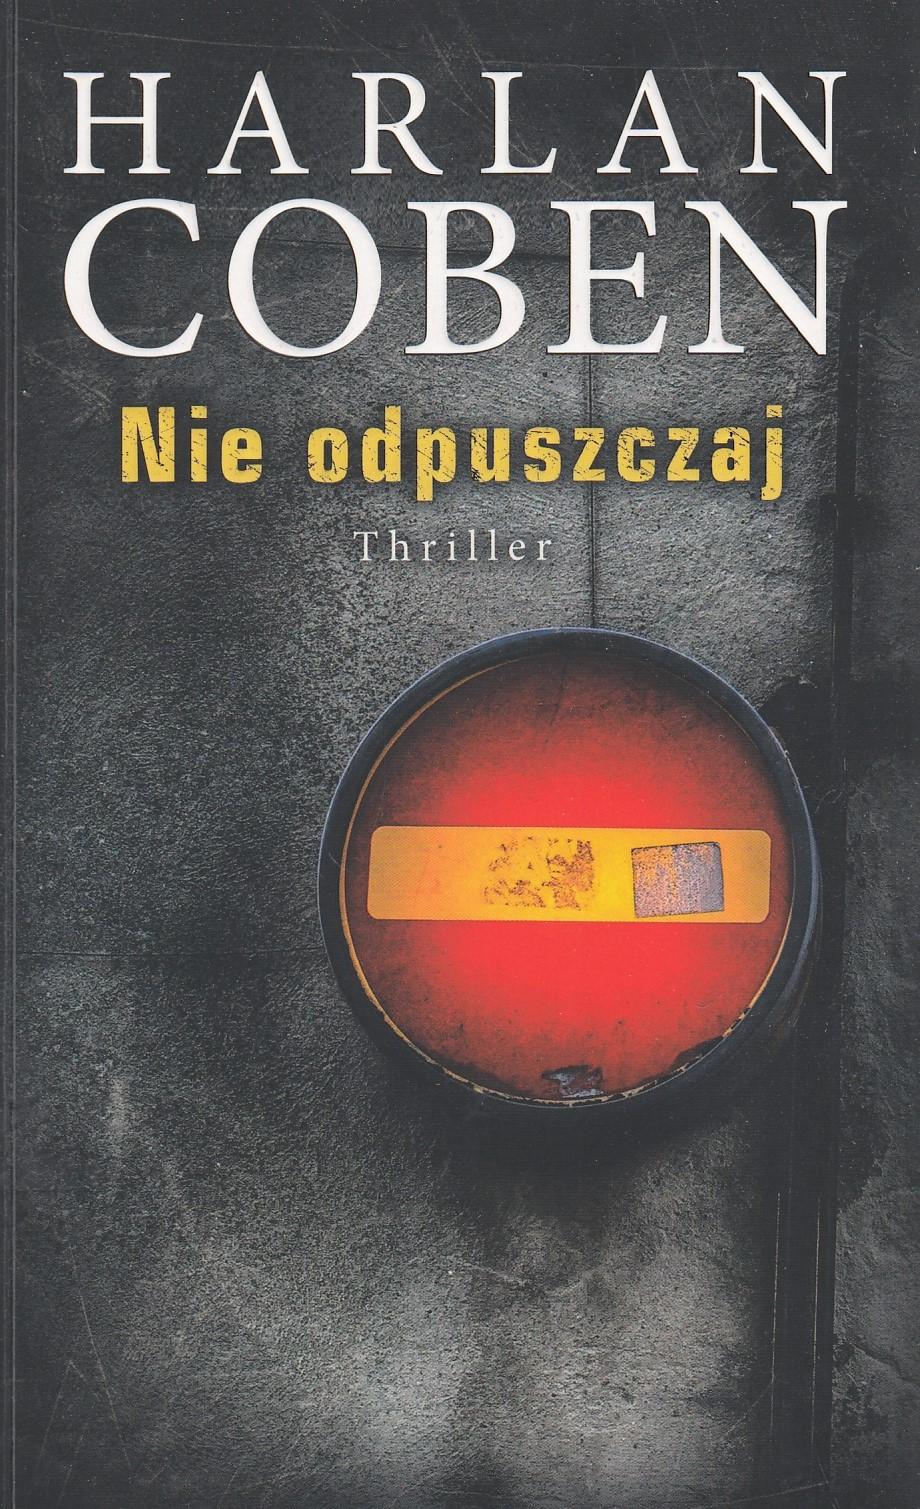 Coben Harlan – Nie Odpuszczaj